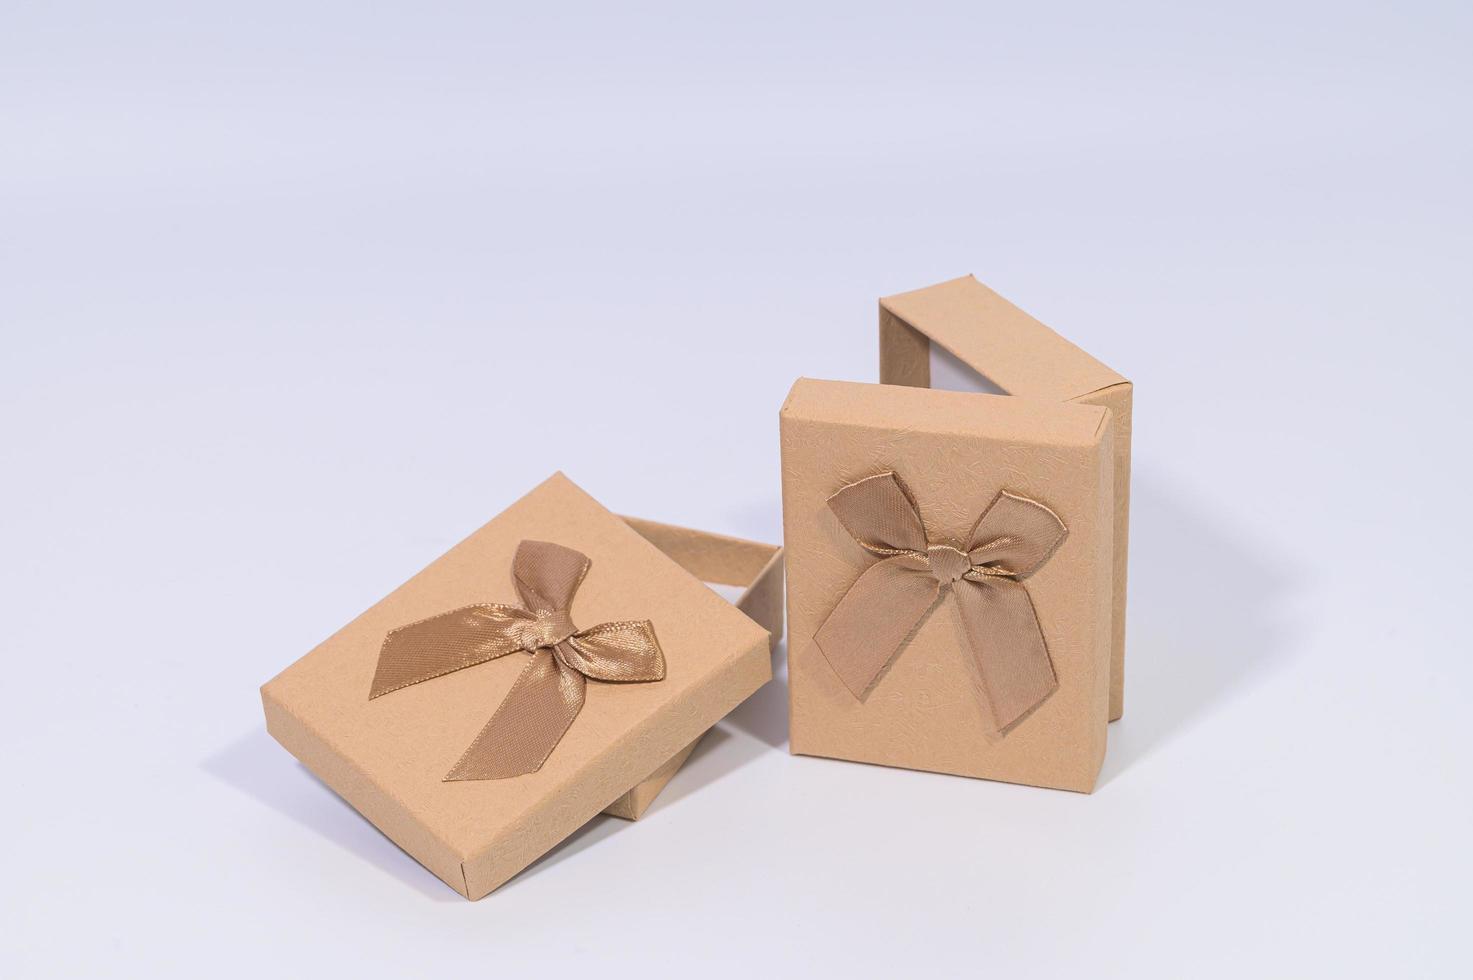 coffrets cadeaux marron sur fond blanc photo